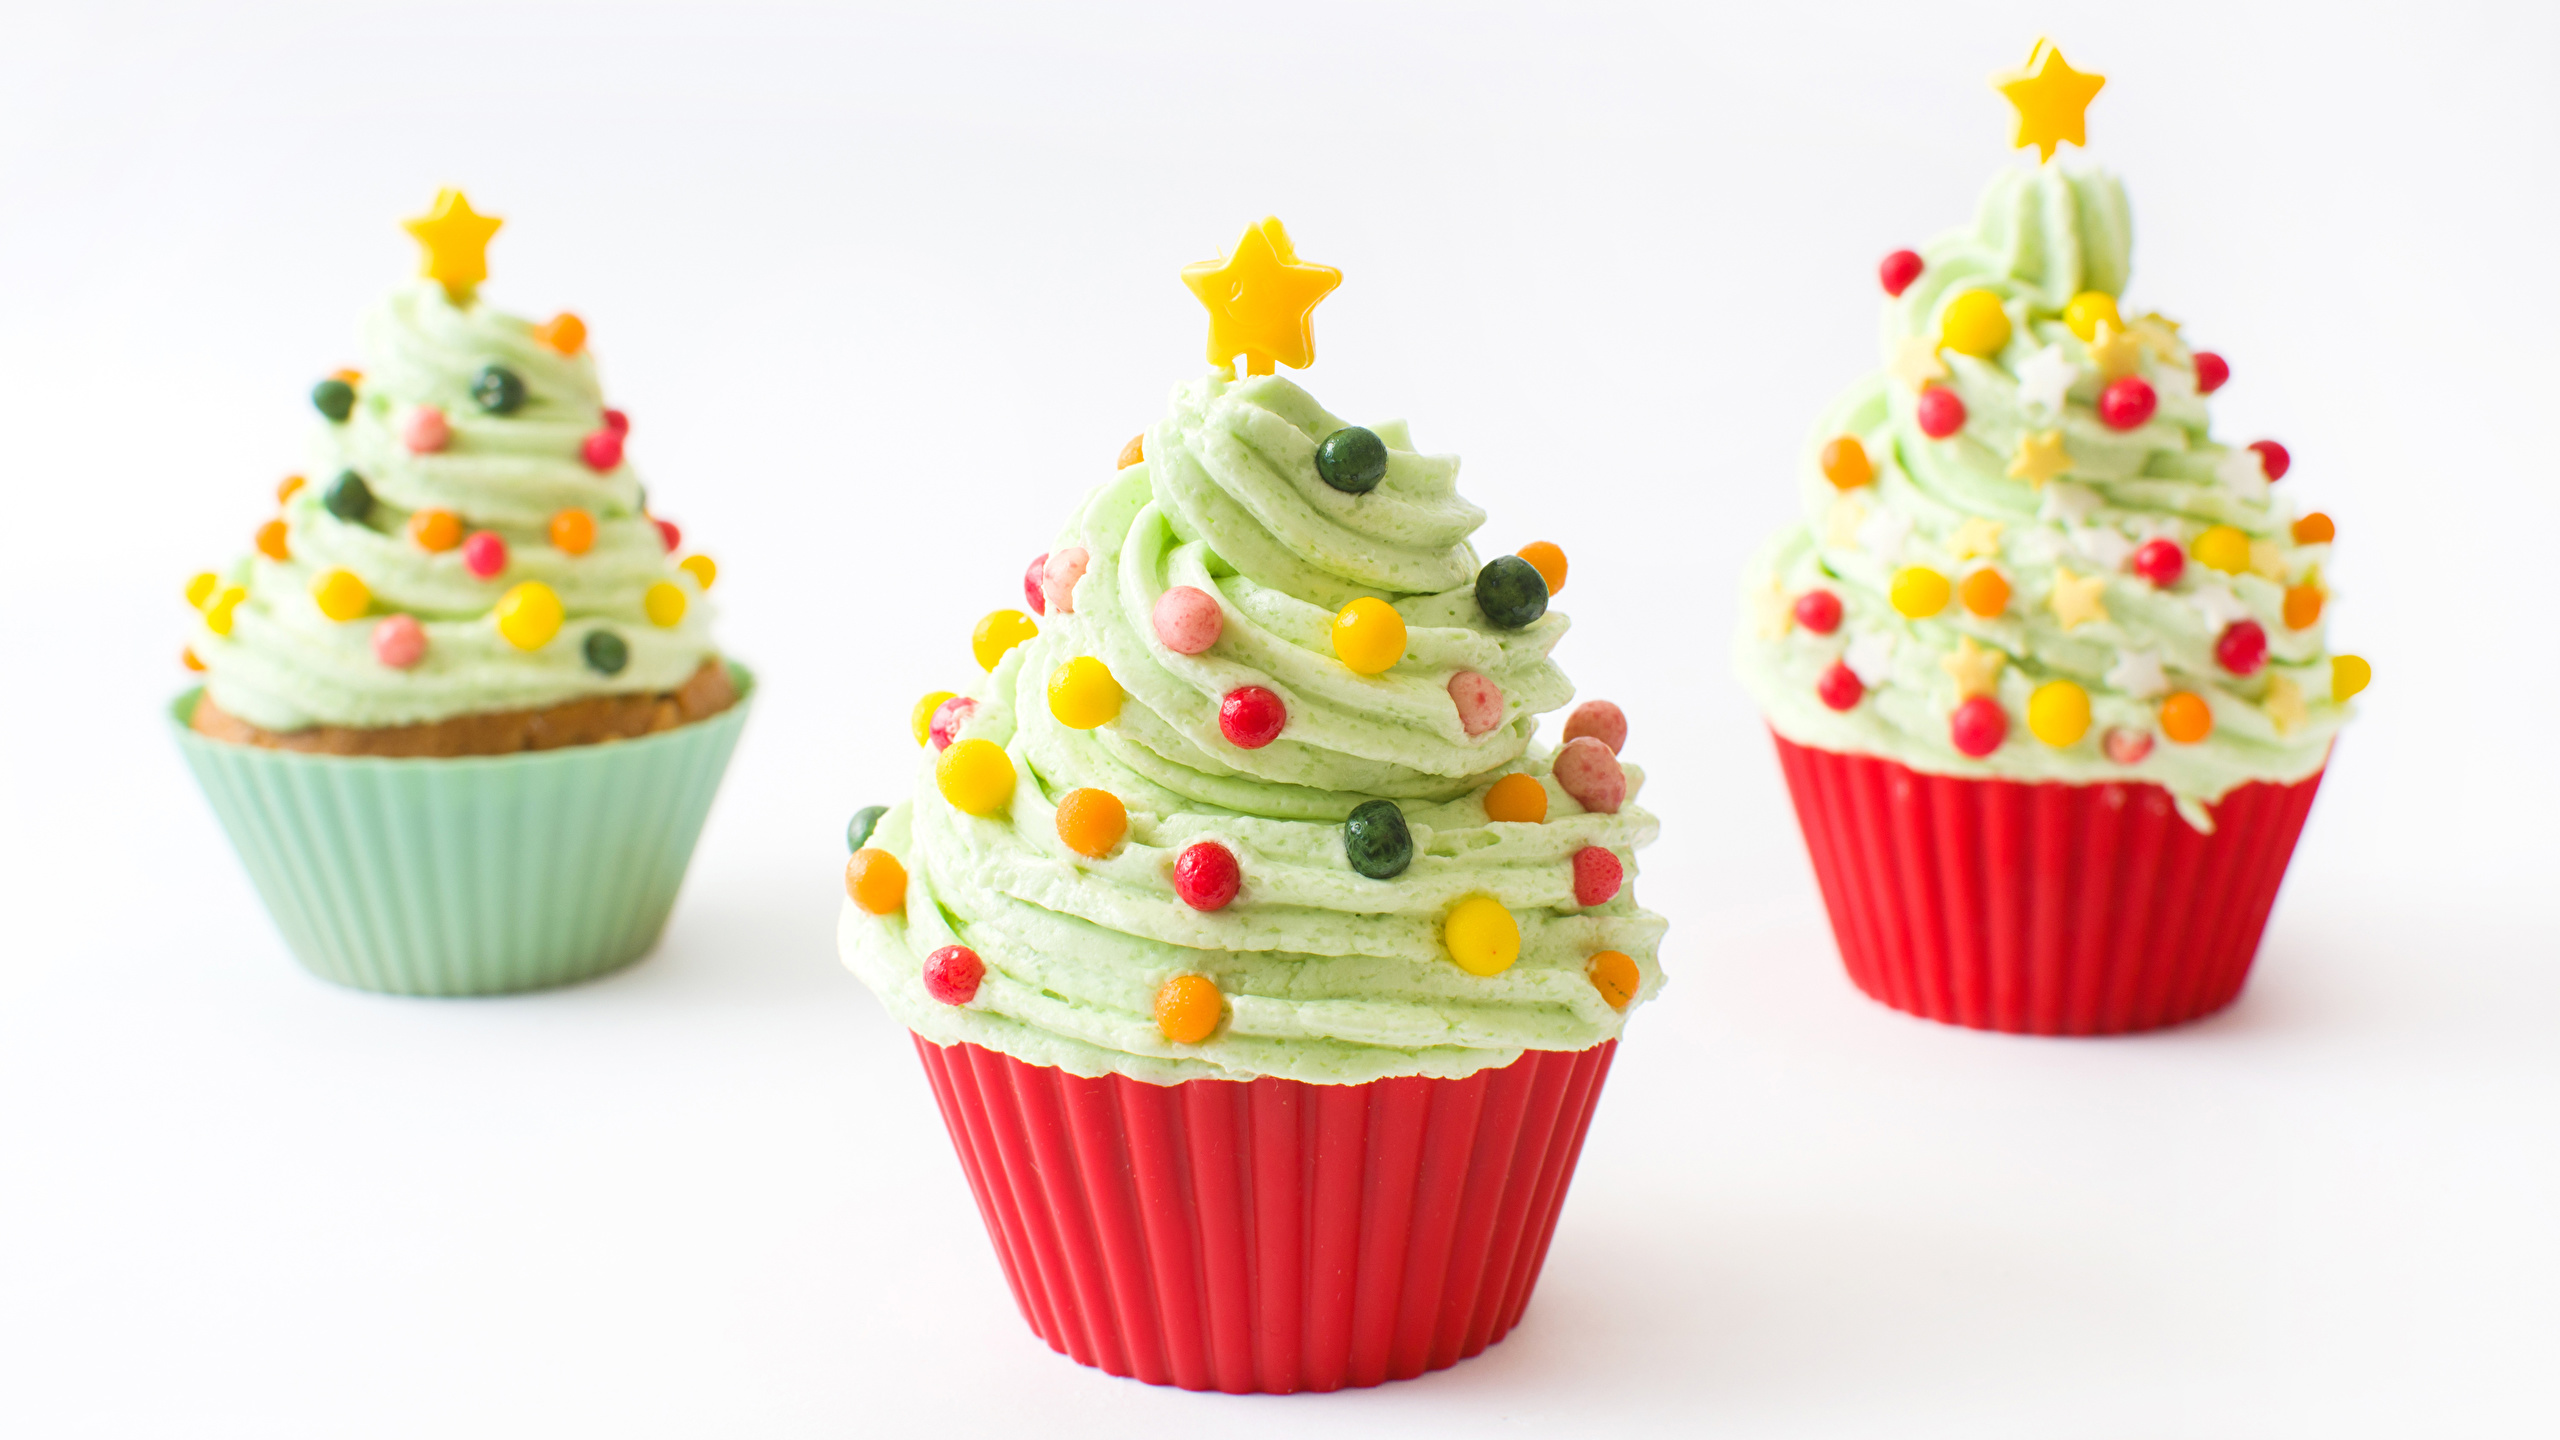 Фото Рождество Елка Капкейк кекс Еда Трое 3 Сладости Белый фон Дизайн 2560x1440 Новый год Новогодняя ёлка Пища втроем Продукты питания